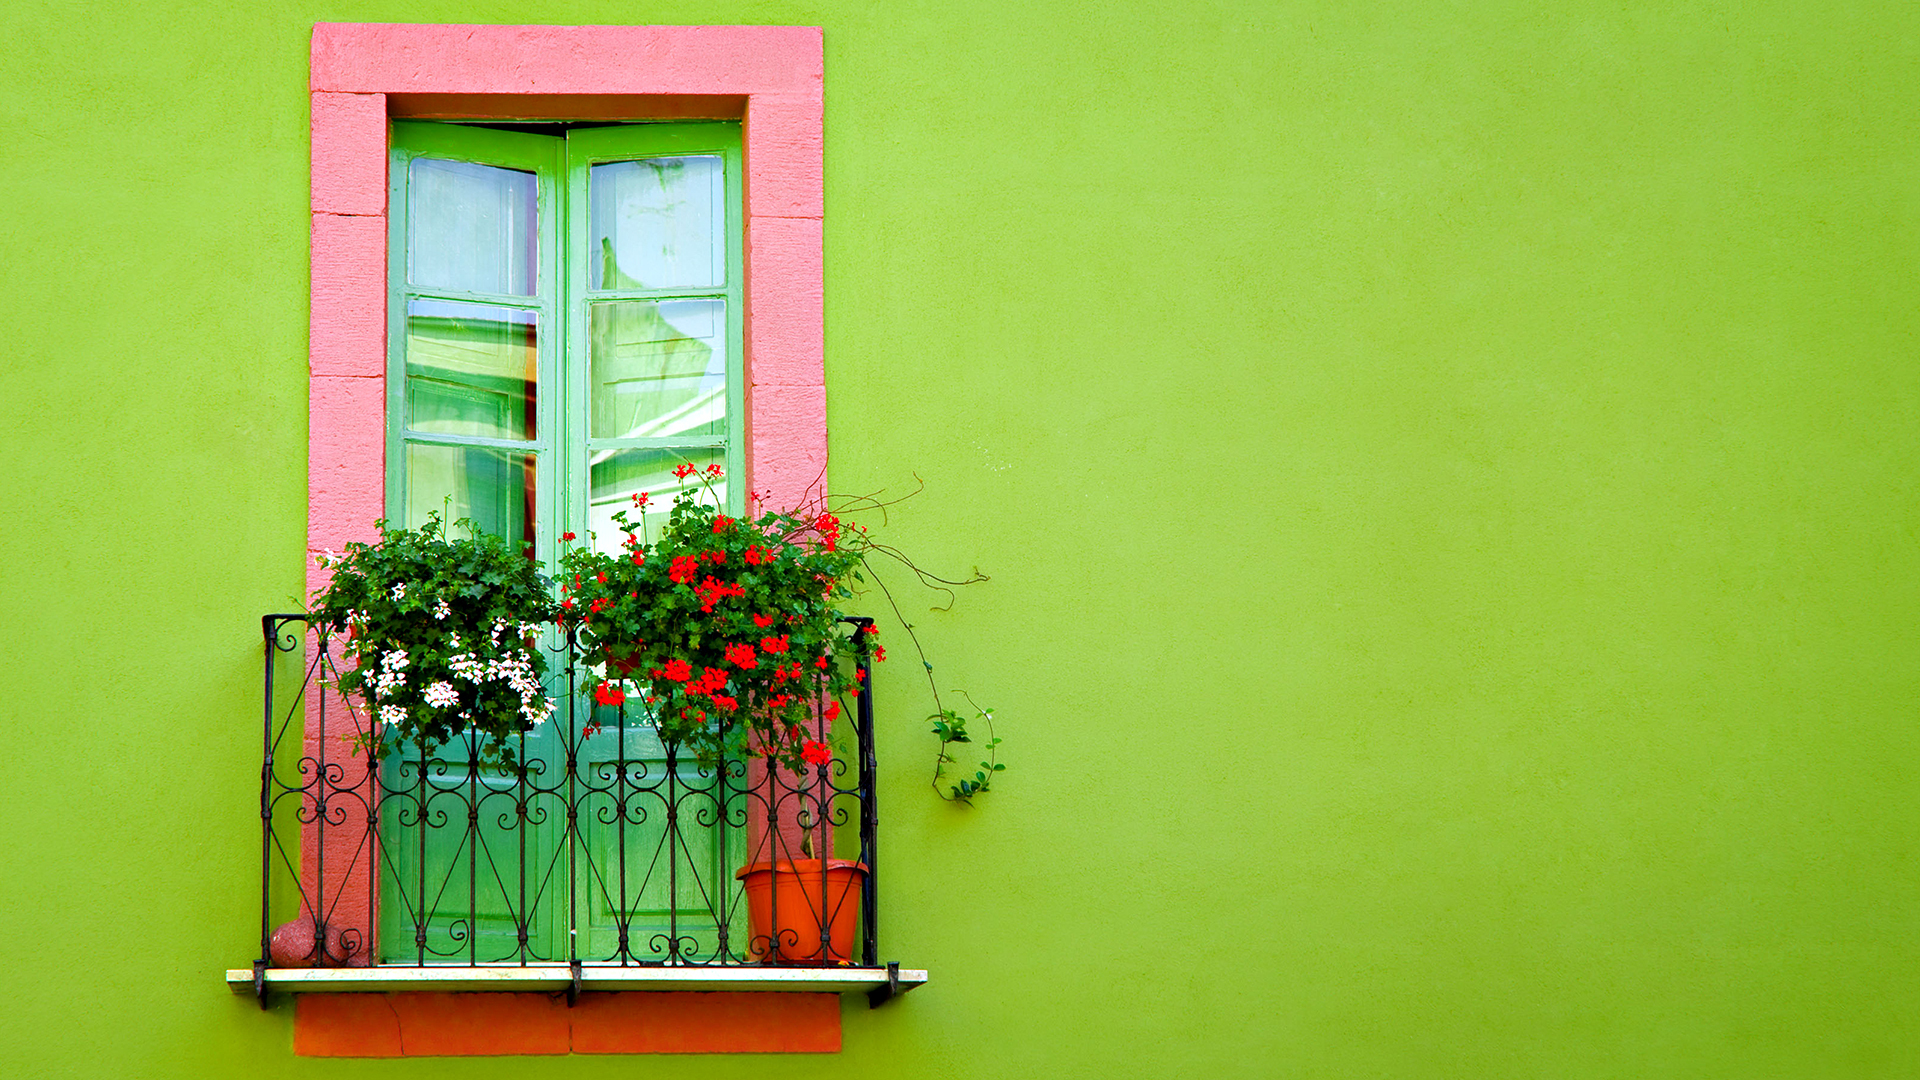 Красивый фон для фотографий дома